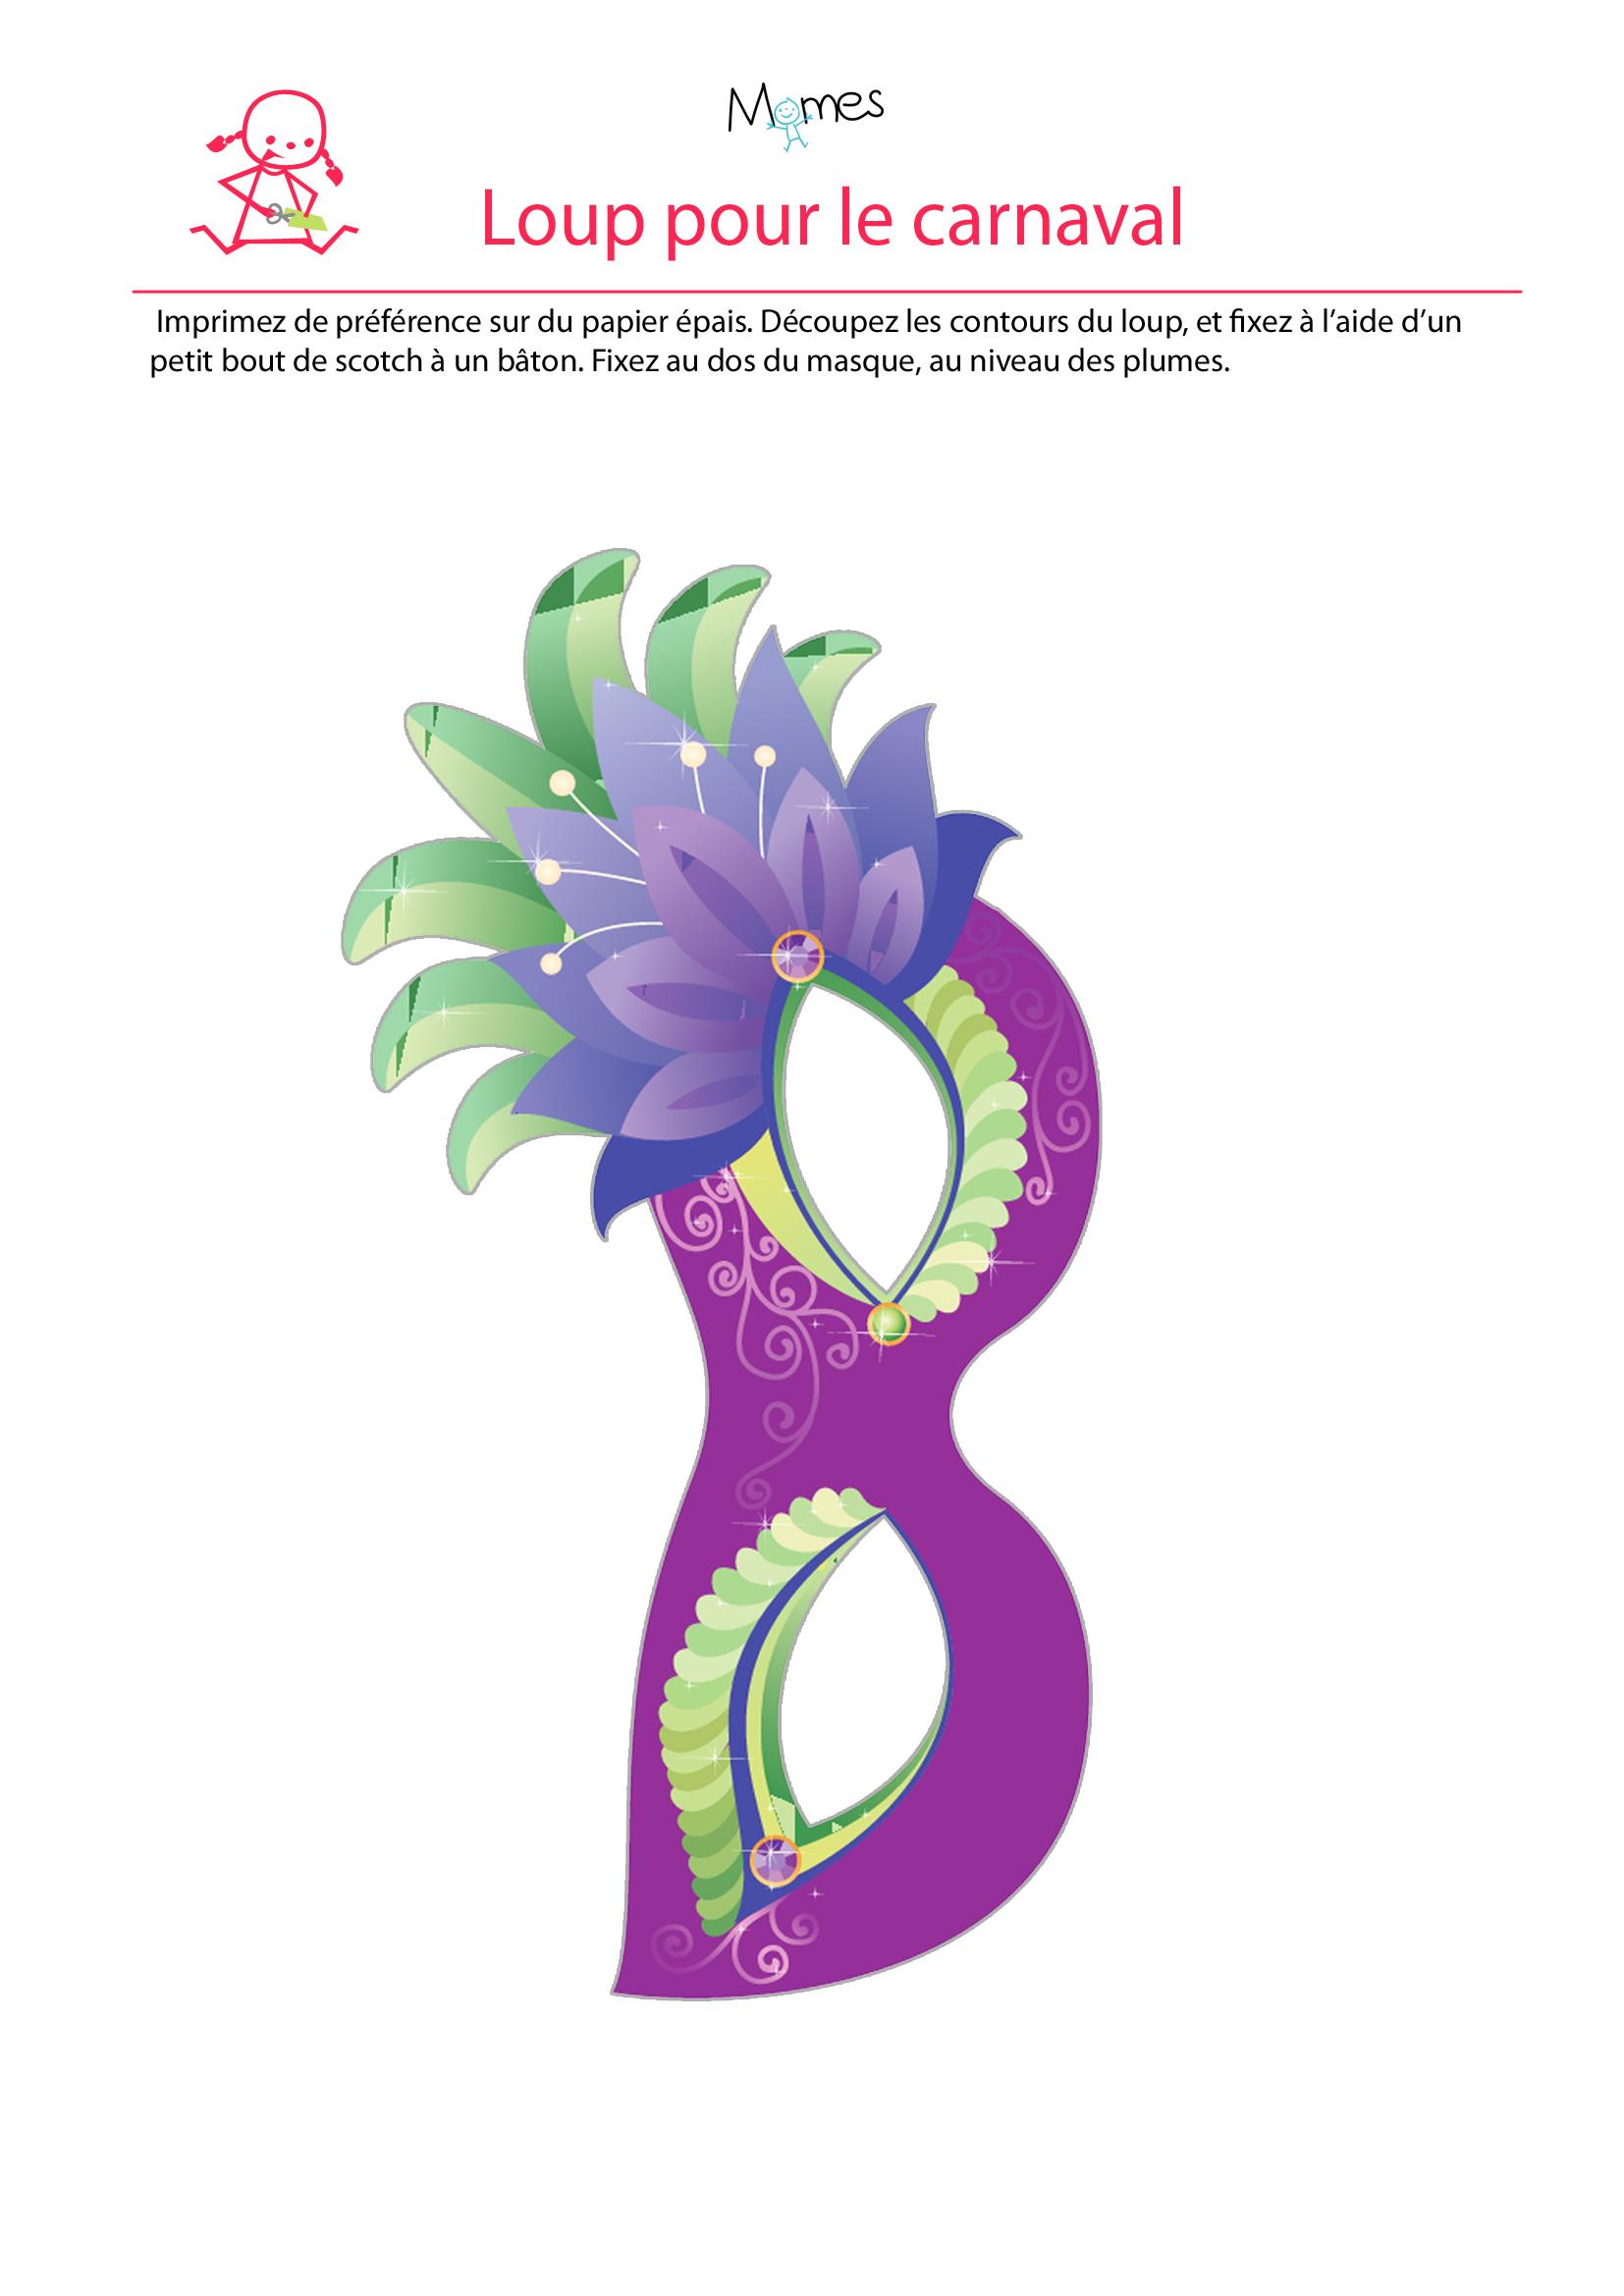 Masque Du Carnaval - Momes à Masque Enfant A Imprimer